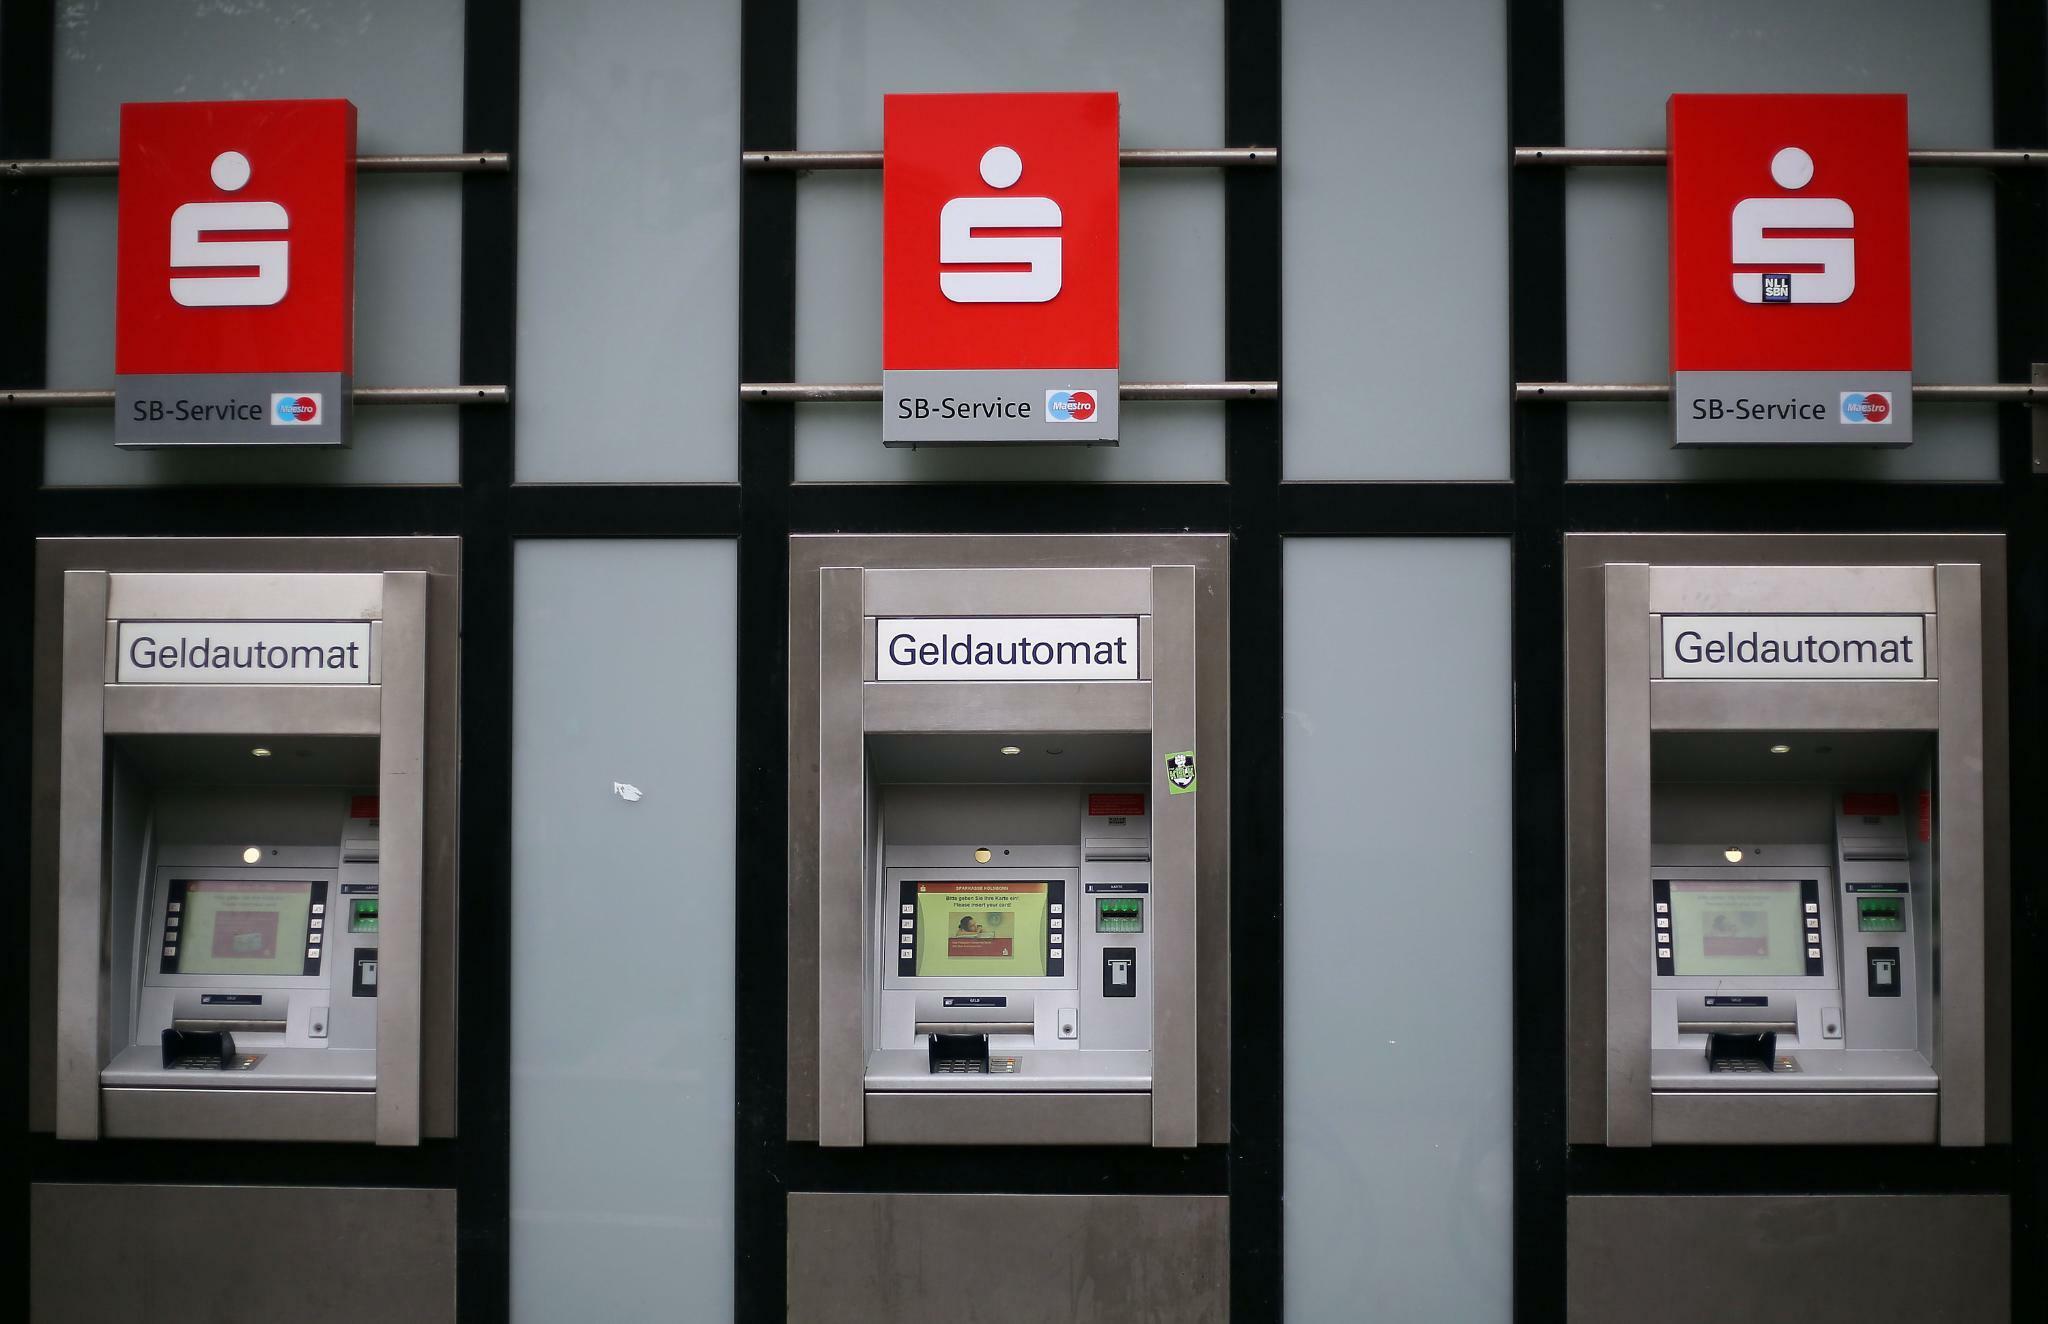 Girokonten: Banken und Sparkassen umgehen mit Gebührenerhöhung die Minuszinsen